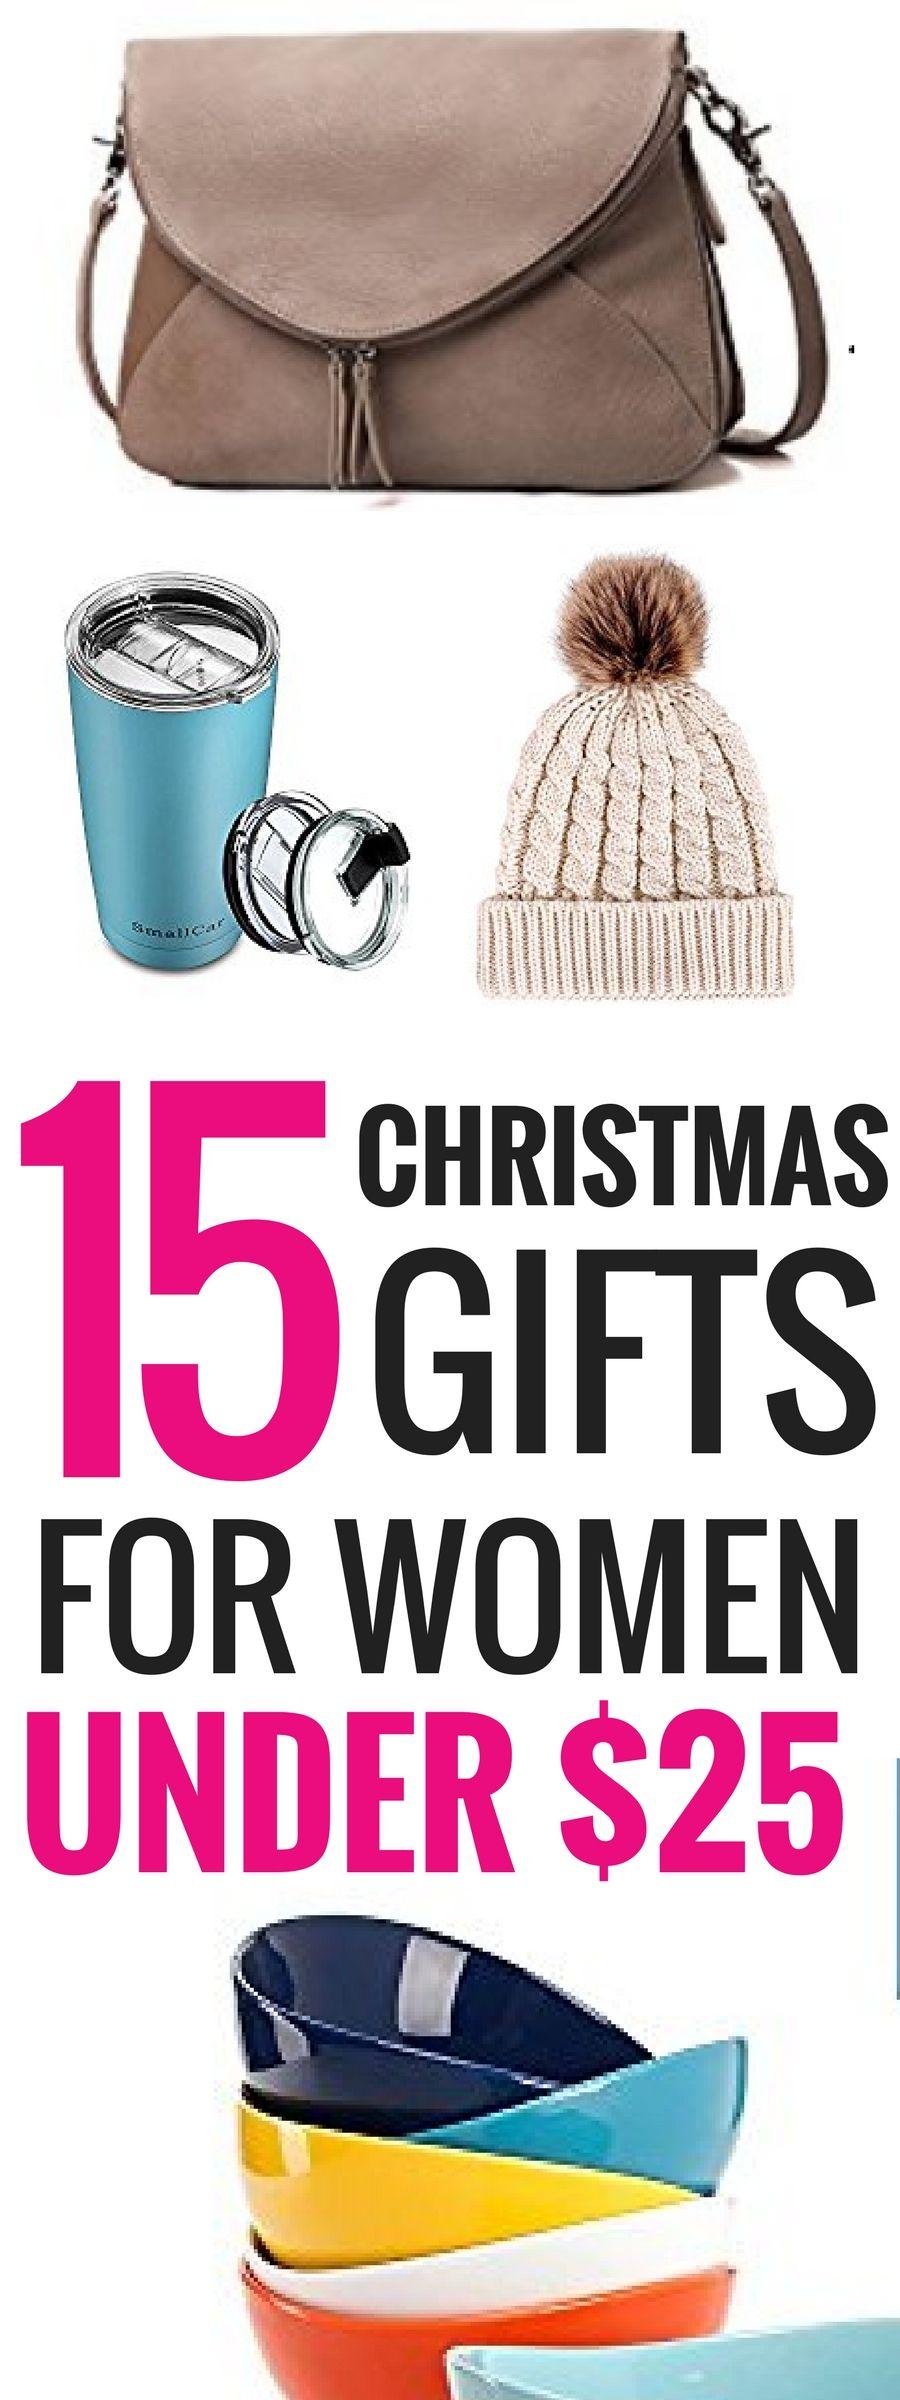 Gift Ideas For Women Gift Ideas For Mom Gift Ideas For Grandma Gift Ideas For Chri Christmas Gifts For Sister Birthday Gifts For Sister Best Gift For Sister